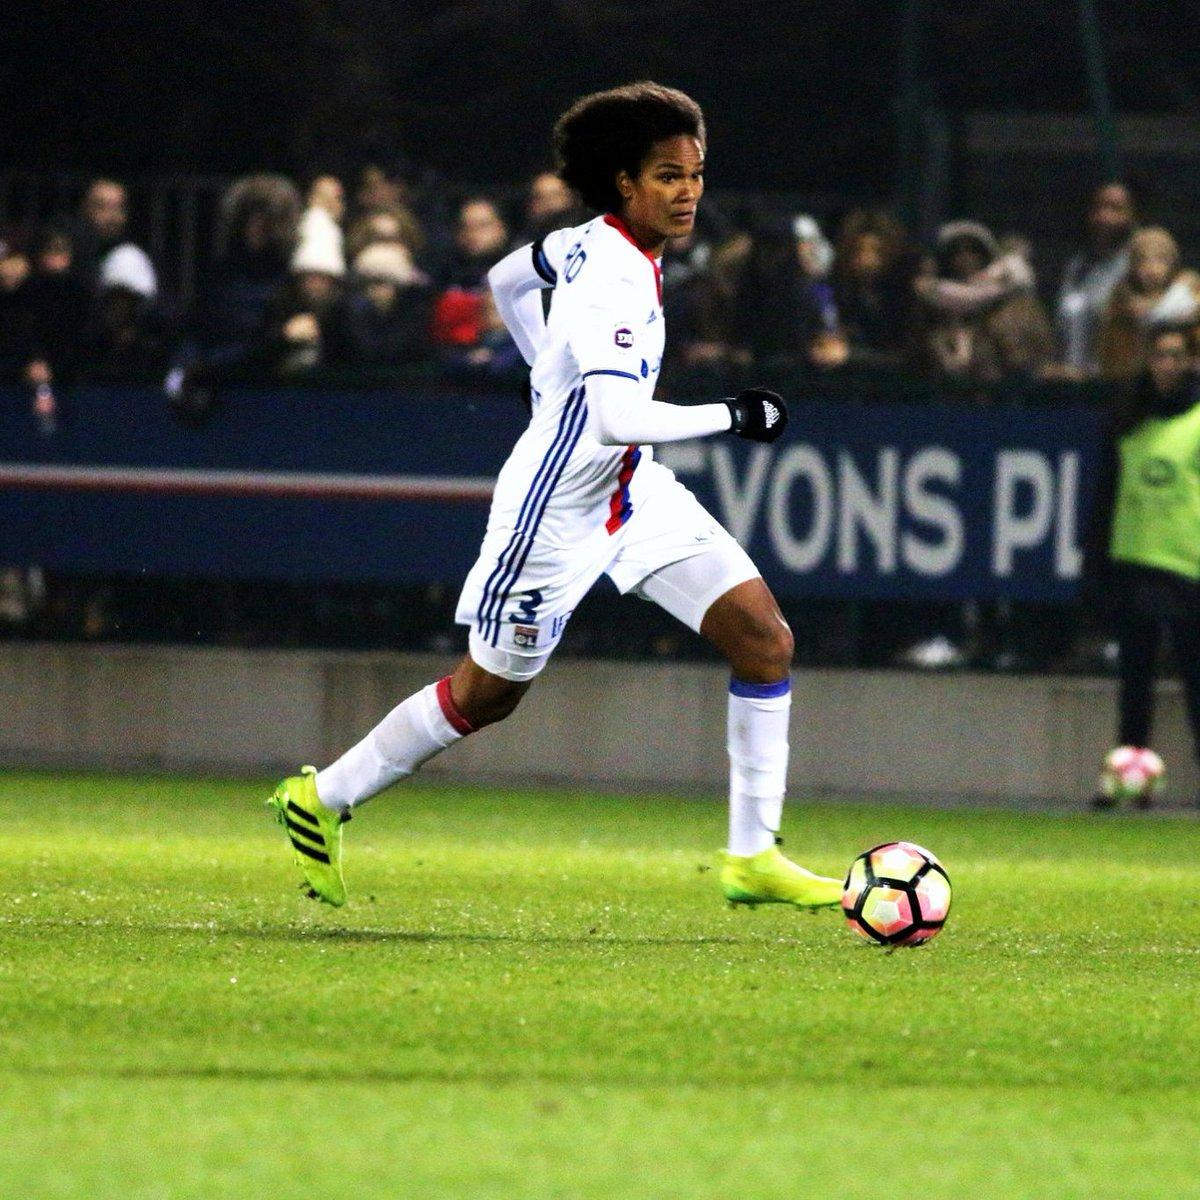 Premier des deux matchs à venir face à Juvisy aujourd&#39;hui à 16h30 au @ParcOL ! #OLfeminin  ©Mayamans <br>http://pic.twitter.com/9g4L2XpCUQ